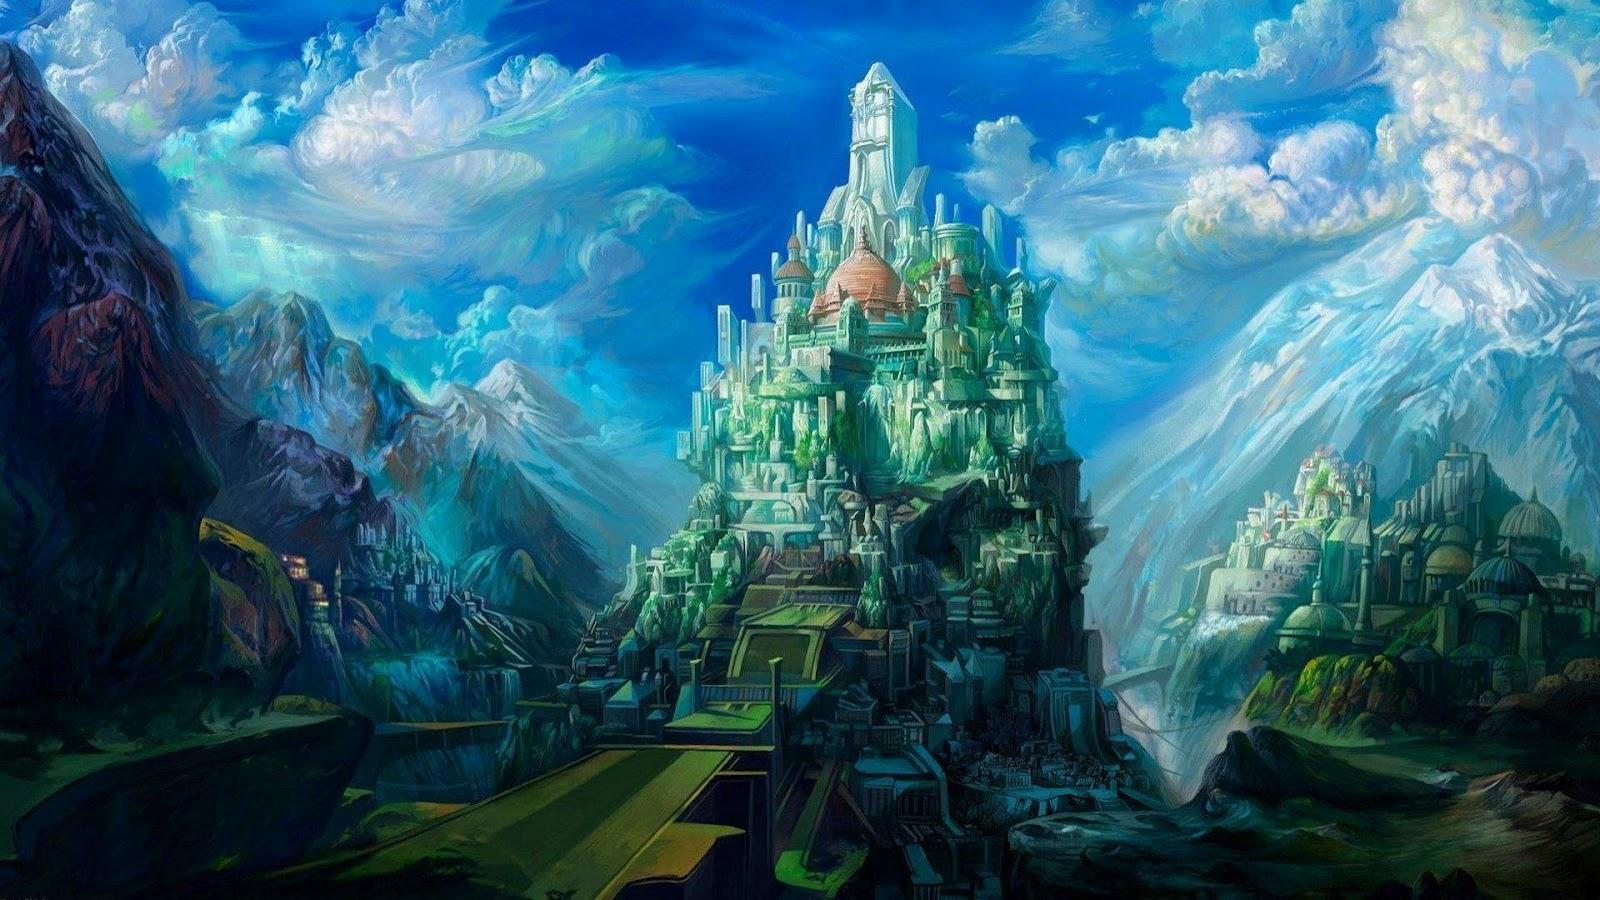 3D Fantasy Castles Wallpaper